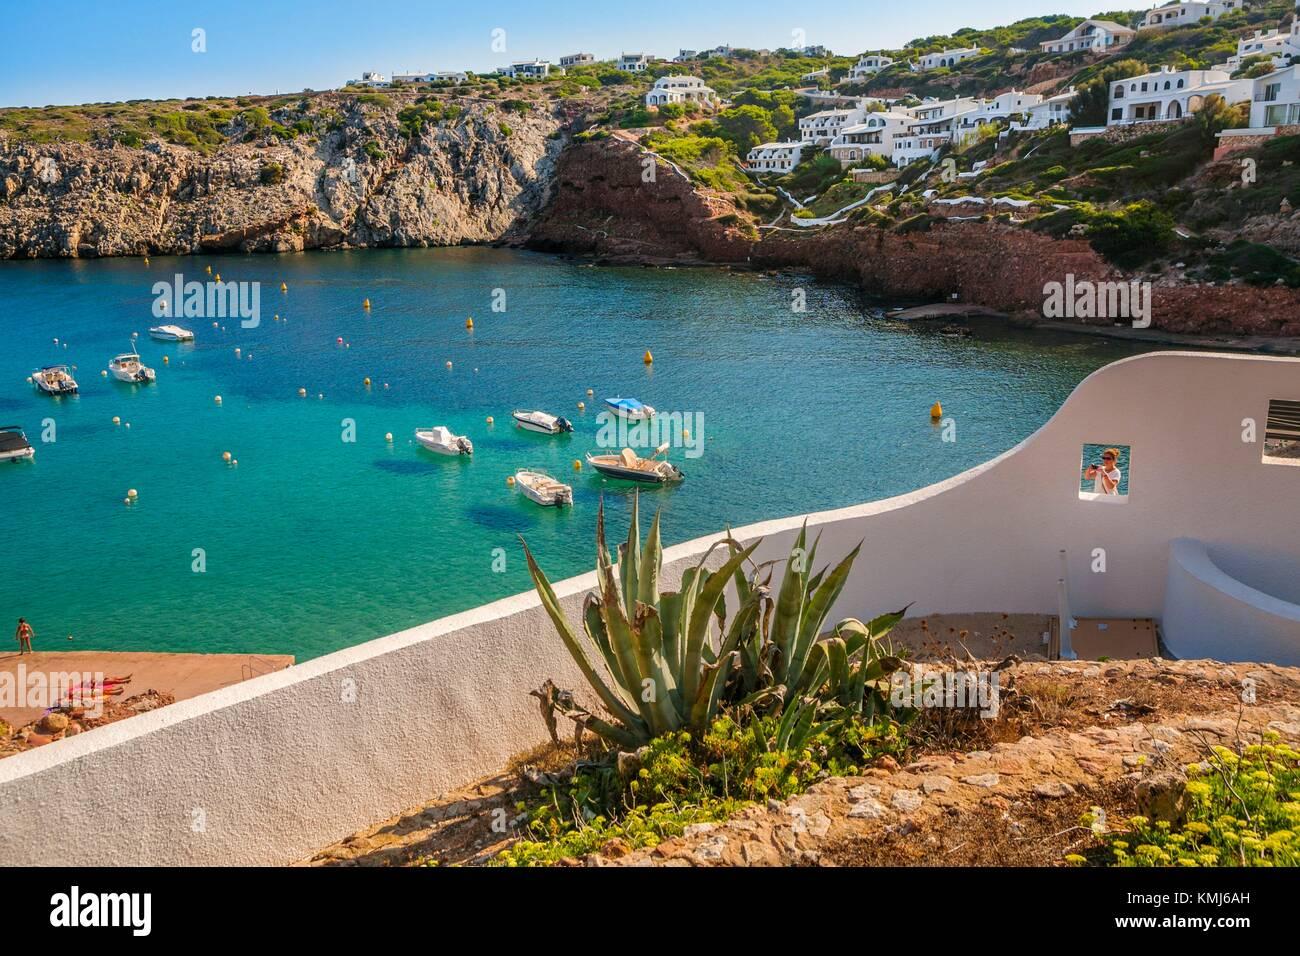 La Bahía de Cala Morell. El municipio de Ciutadella de Menorca. Menorca. Islas Baleares. España Imagen De Stock